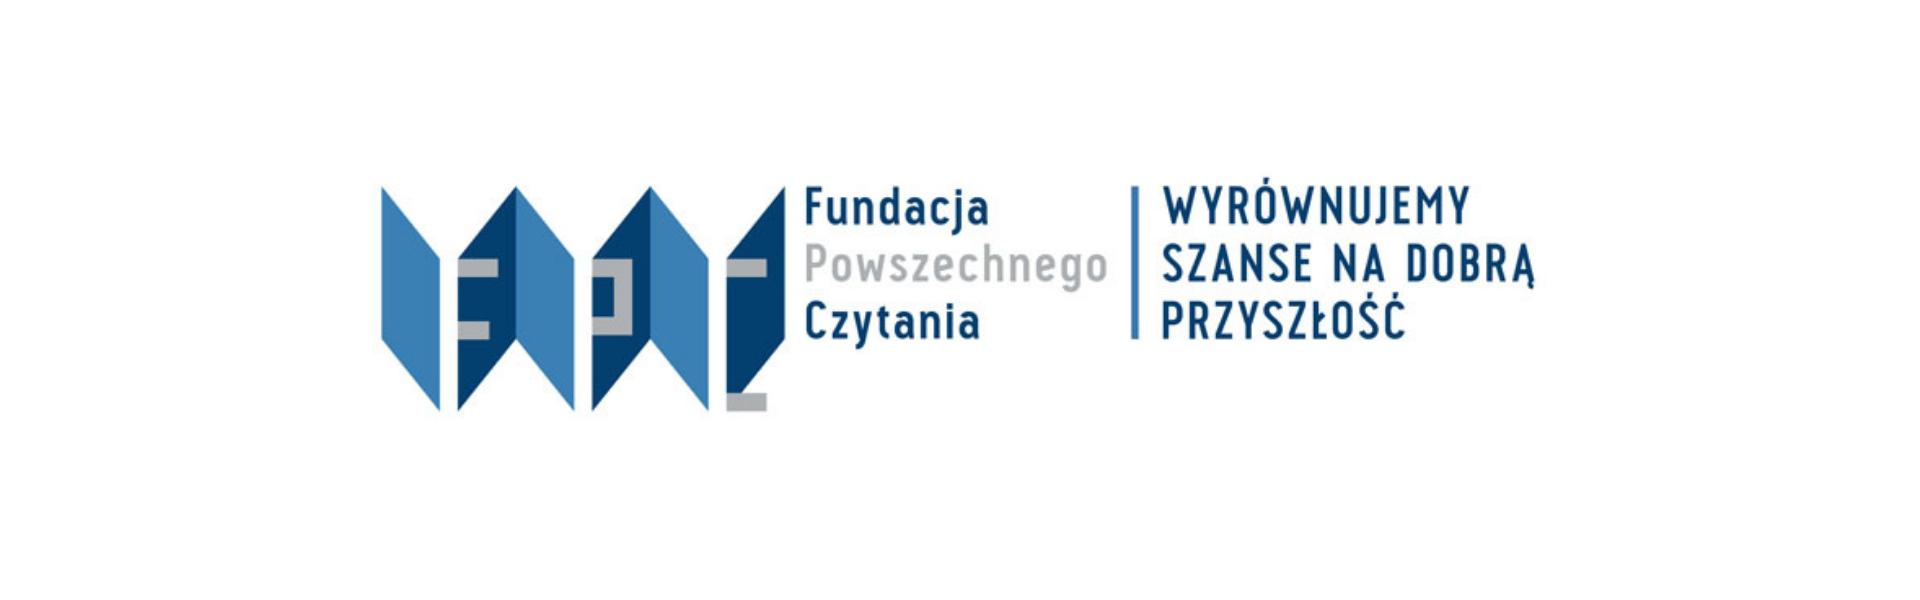 Fundacja Powszechnego Czytania